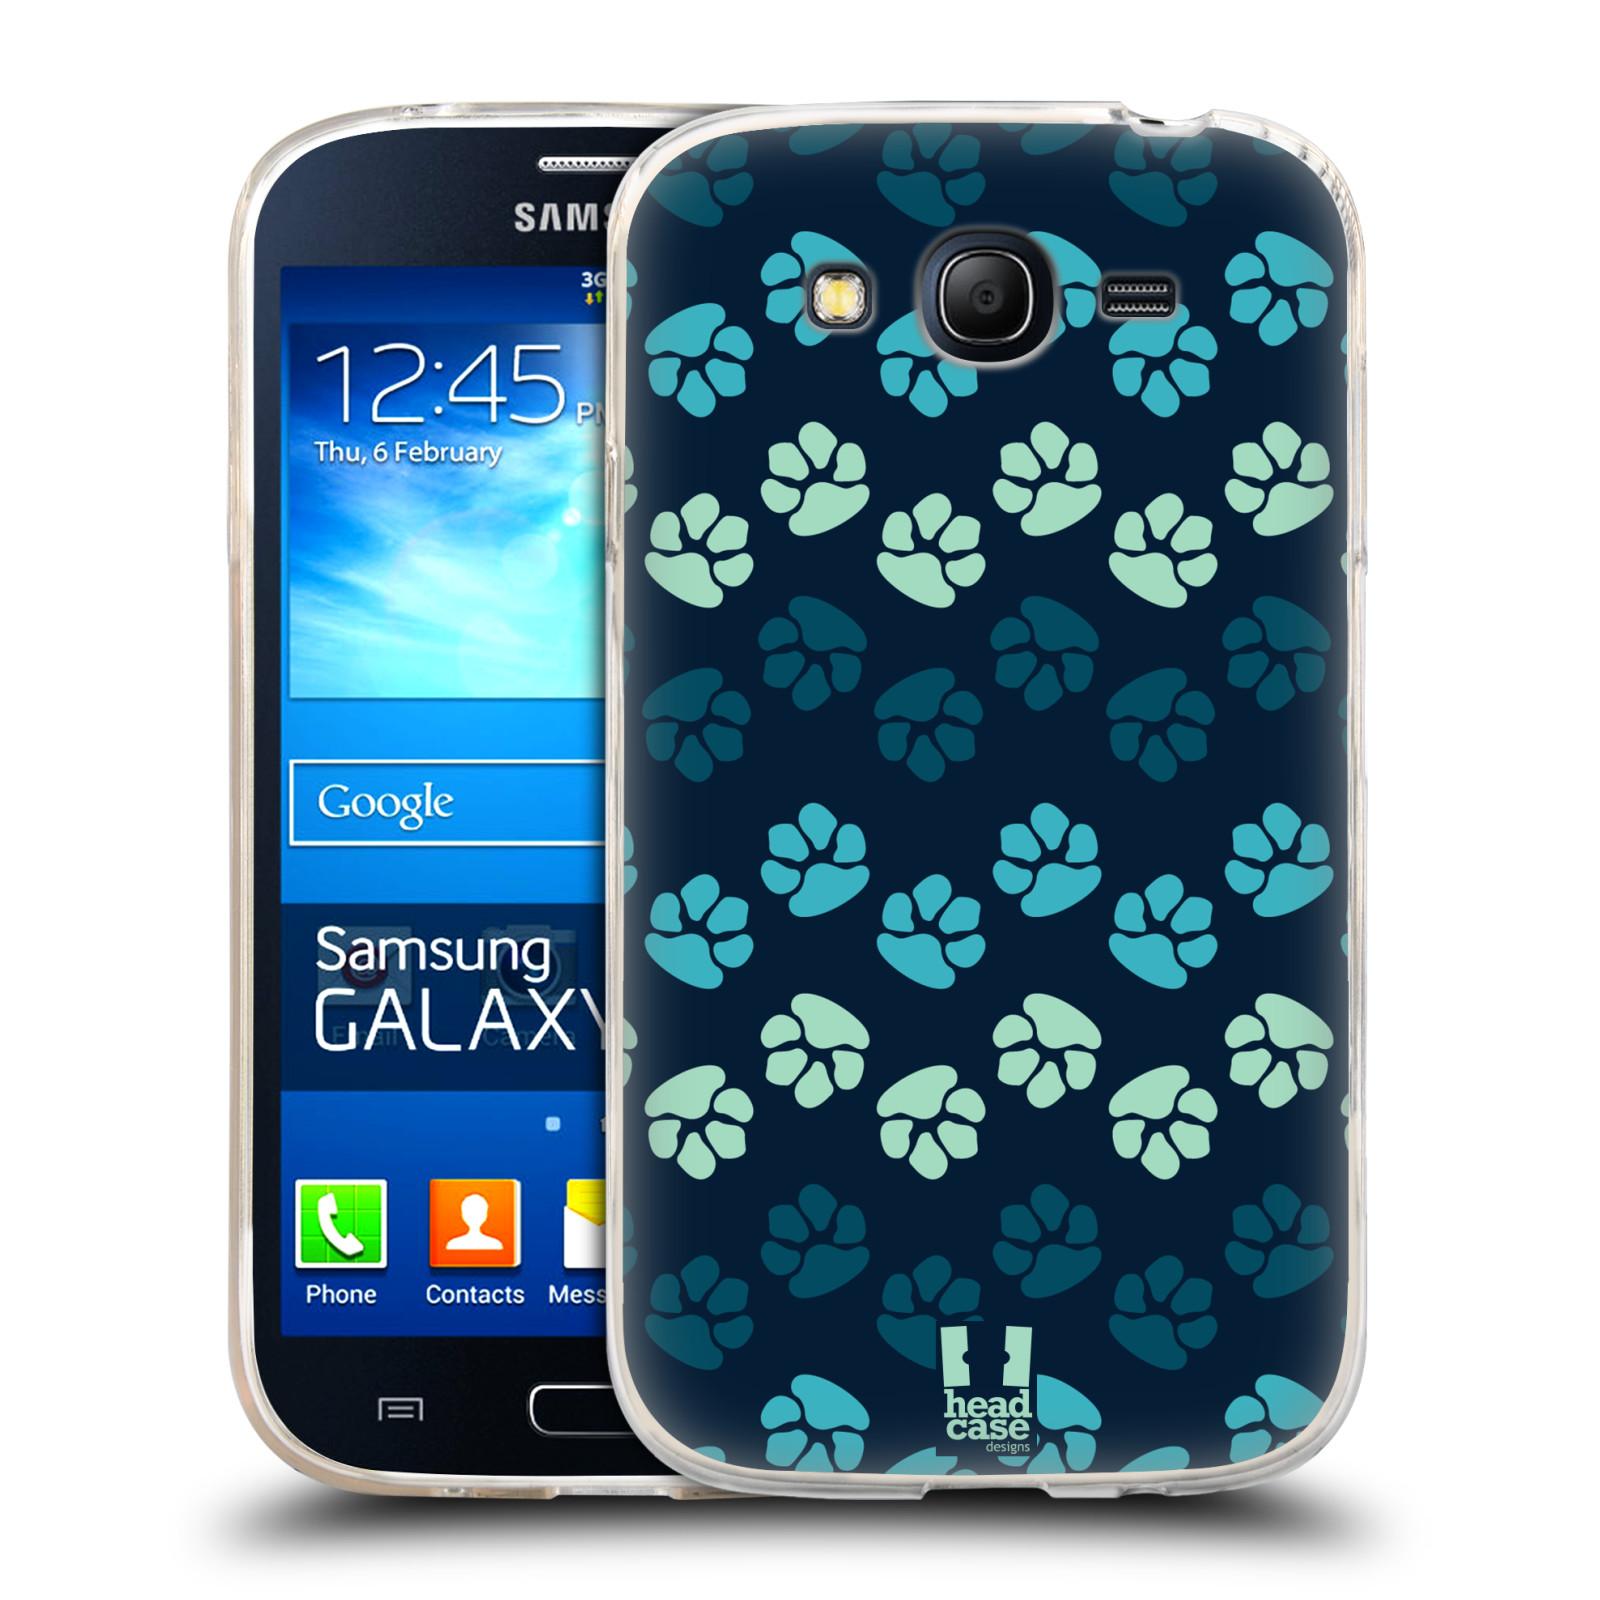 Silikonové pouzdro na mobil Samsung Galaxy Grand Neo HEAD CASE TLAPKY MODRÉ (Silikonový kryt či obal na mobilní telefon Samsung Galaxy Grand Neo GT-I9060)